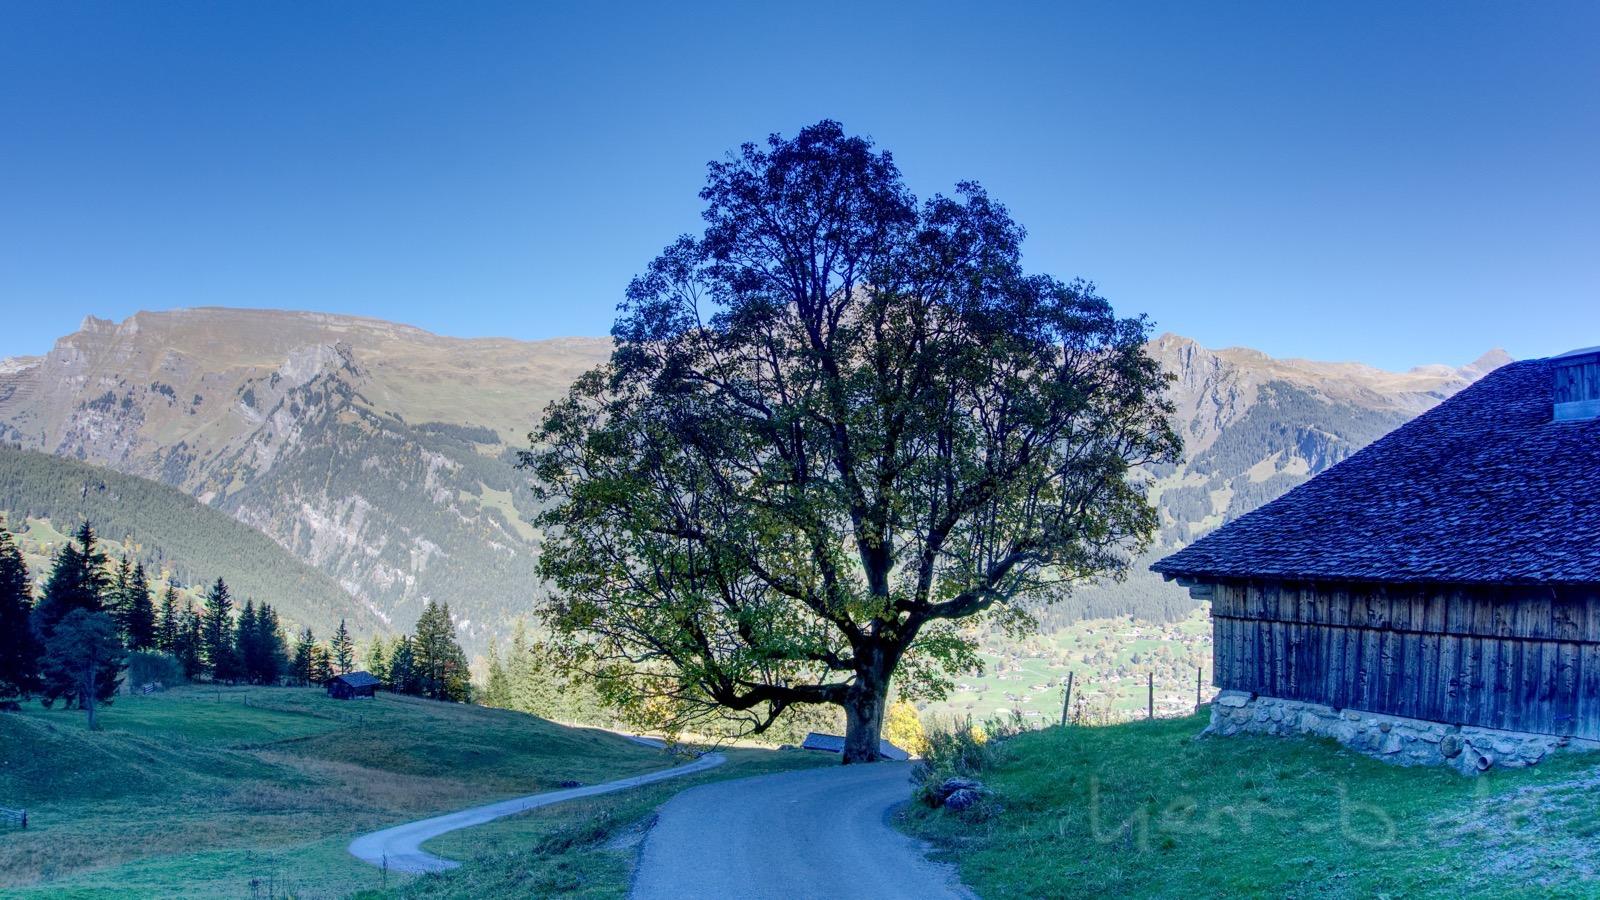 Der schöne Baum an der Brandegg.